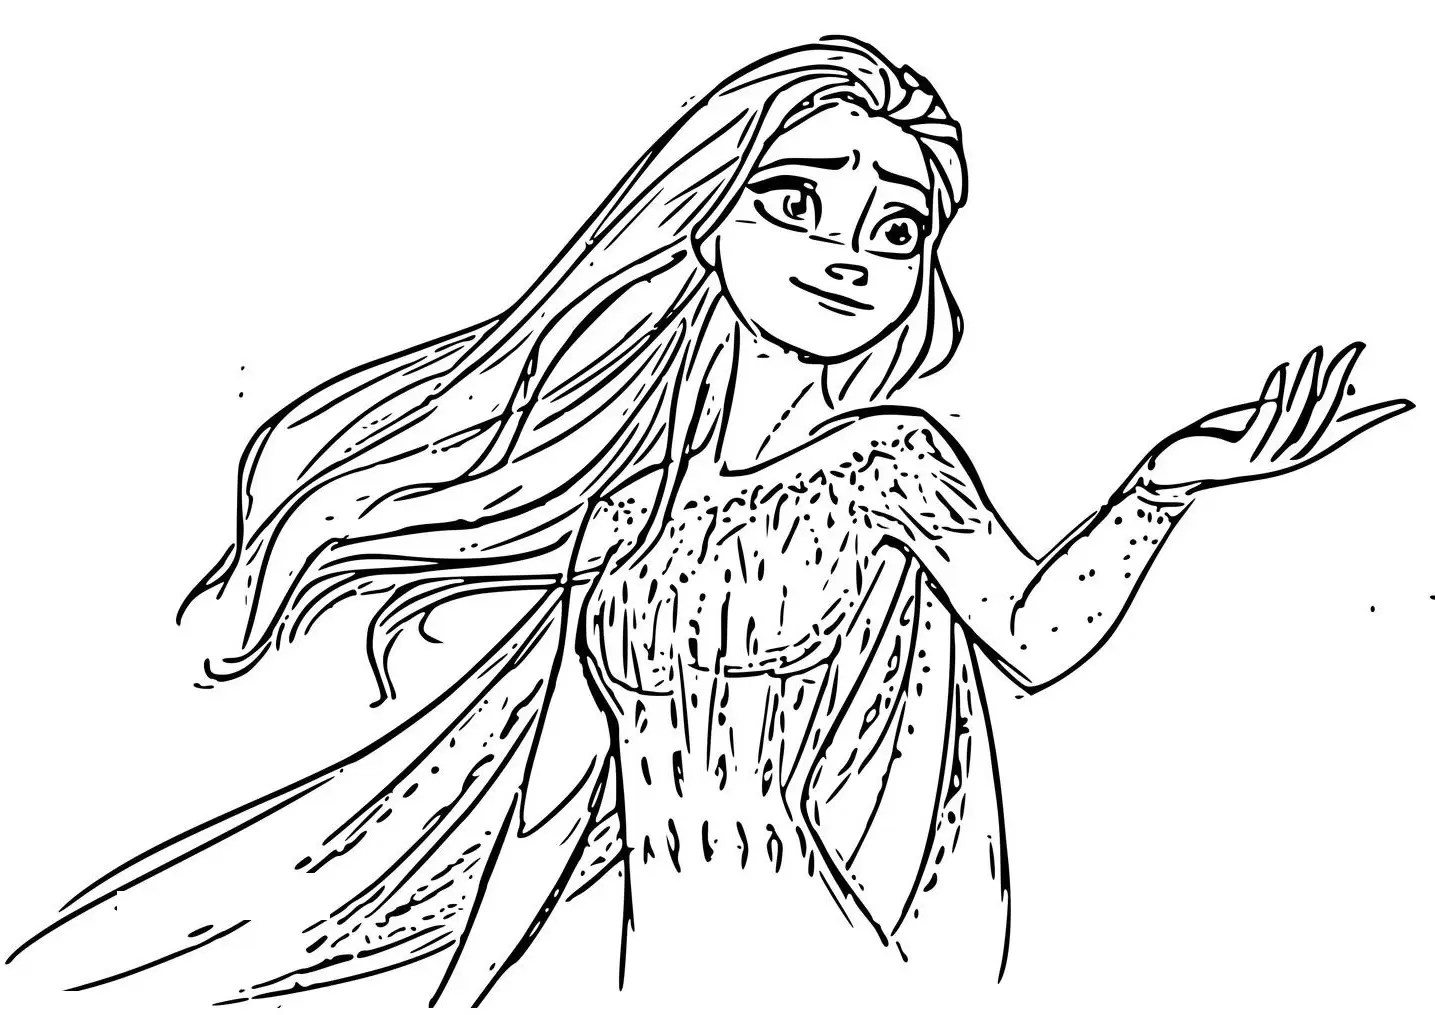 Anna Und Elsa Ausmalbilder 17 - Download Ausmalbilder Anna Und Elsa